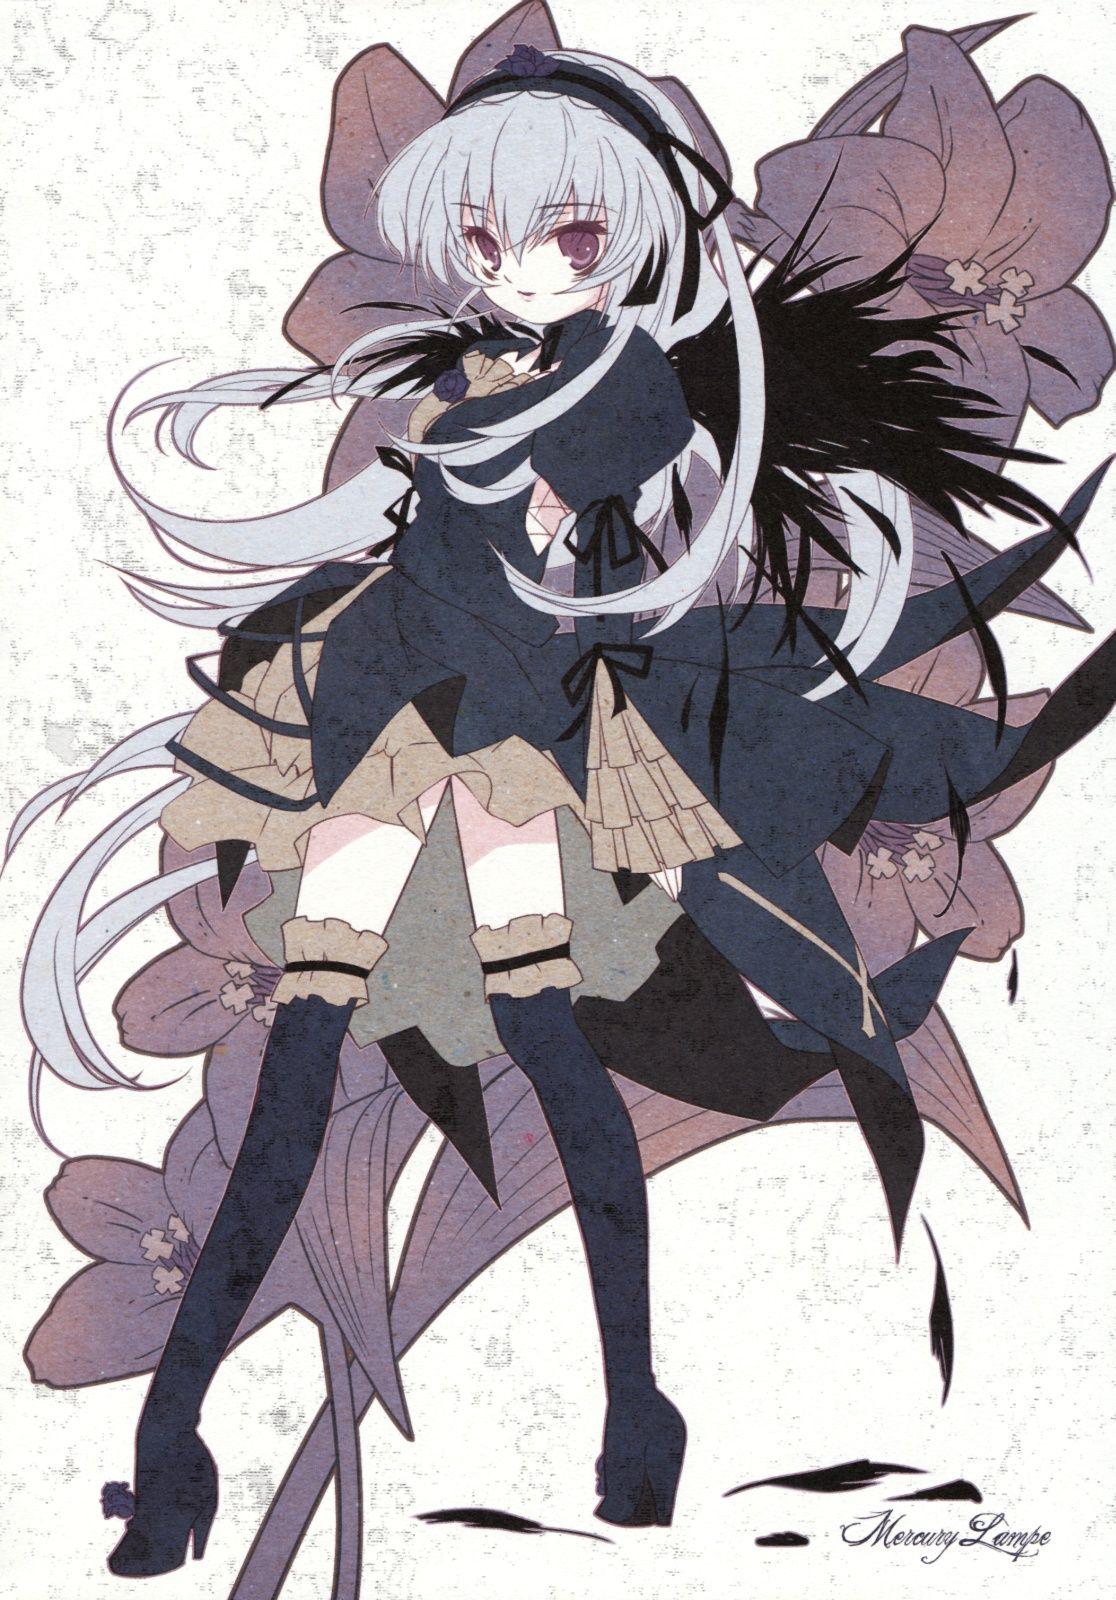 Suigintou Rozen Maiden 水銀燈 Anime Doll elegant Black angel Dark angel